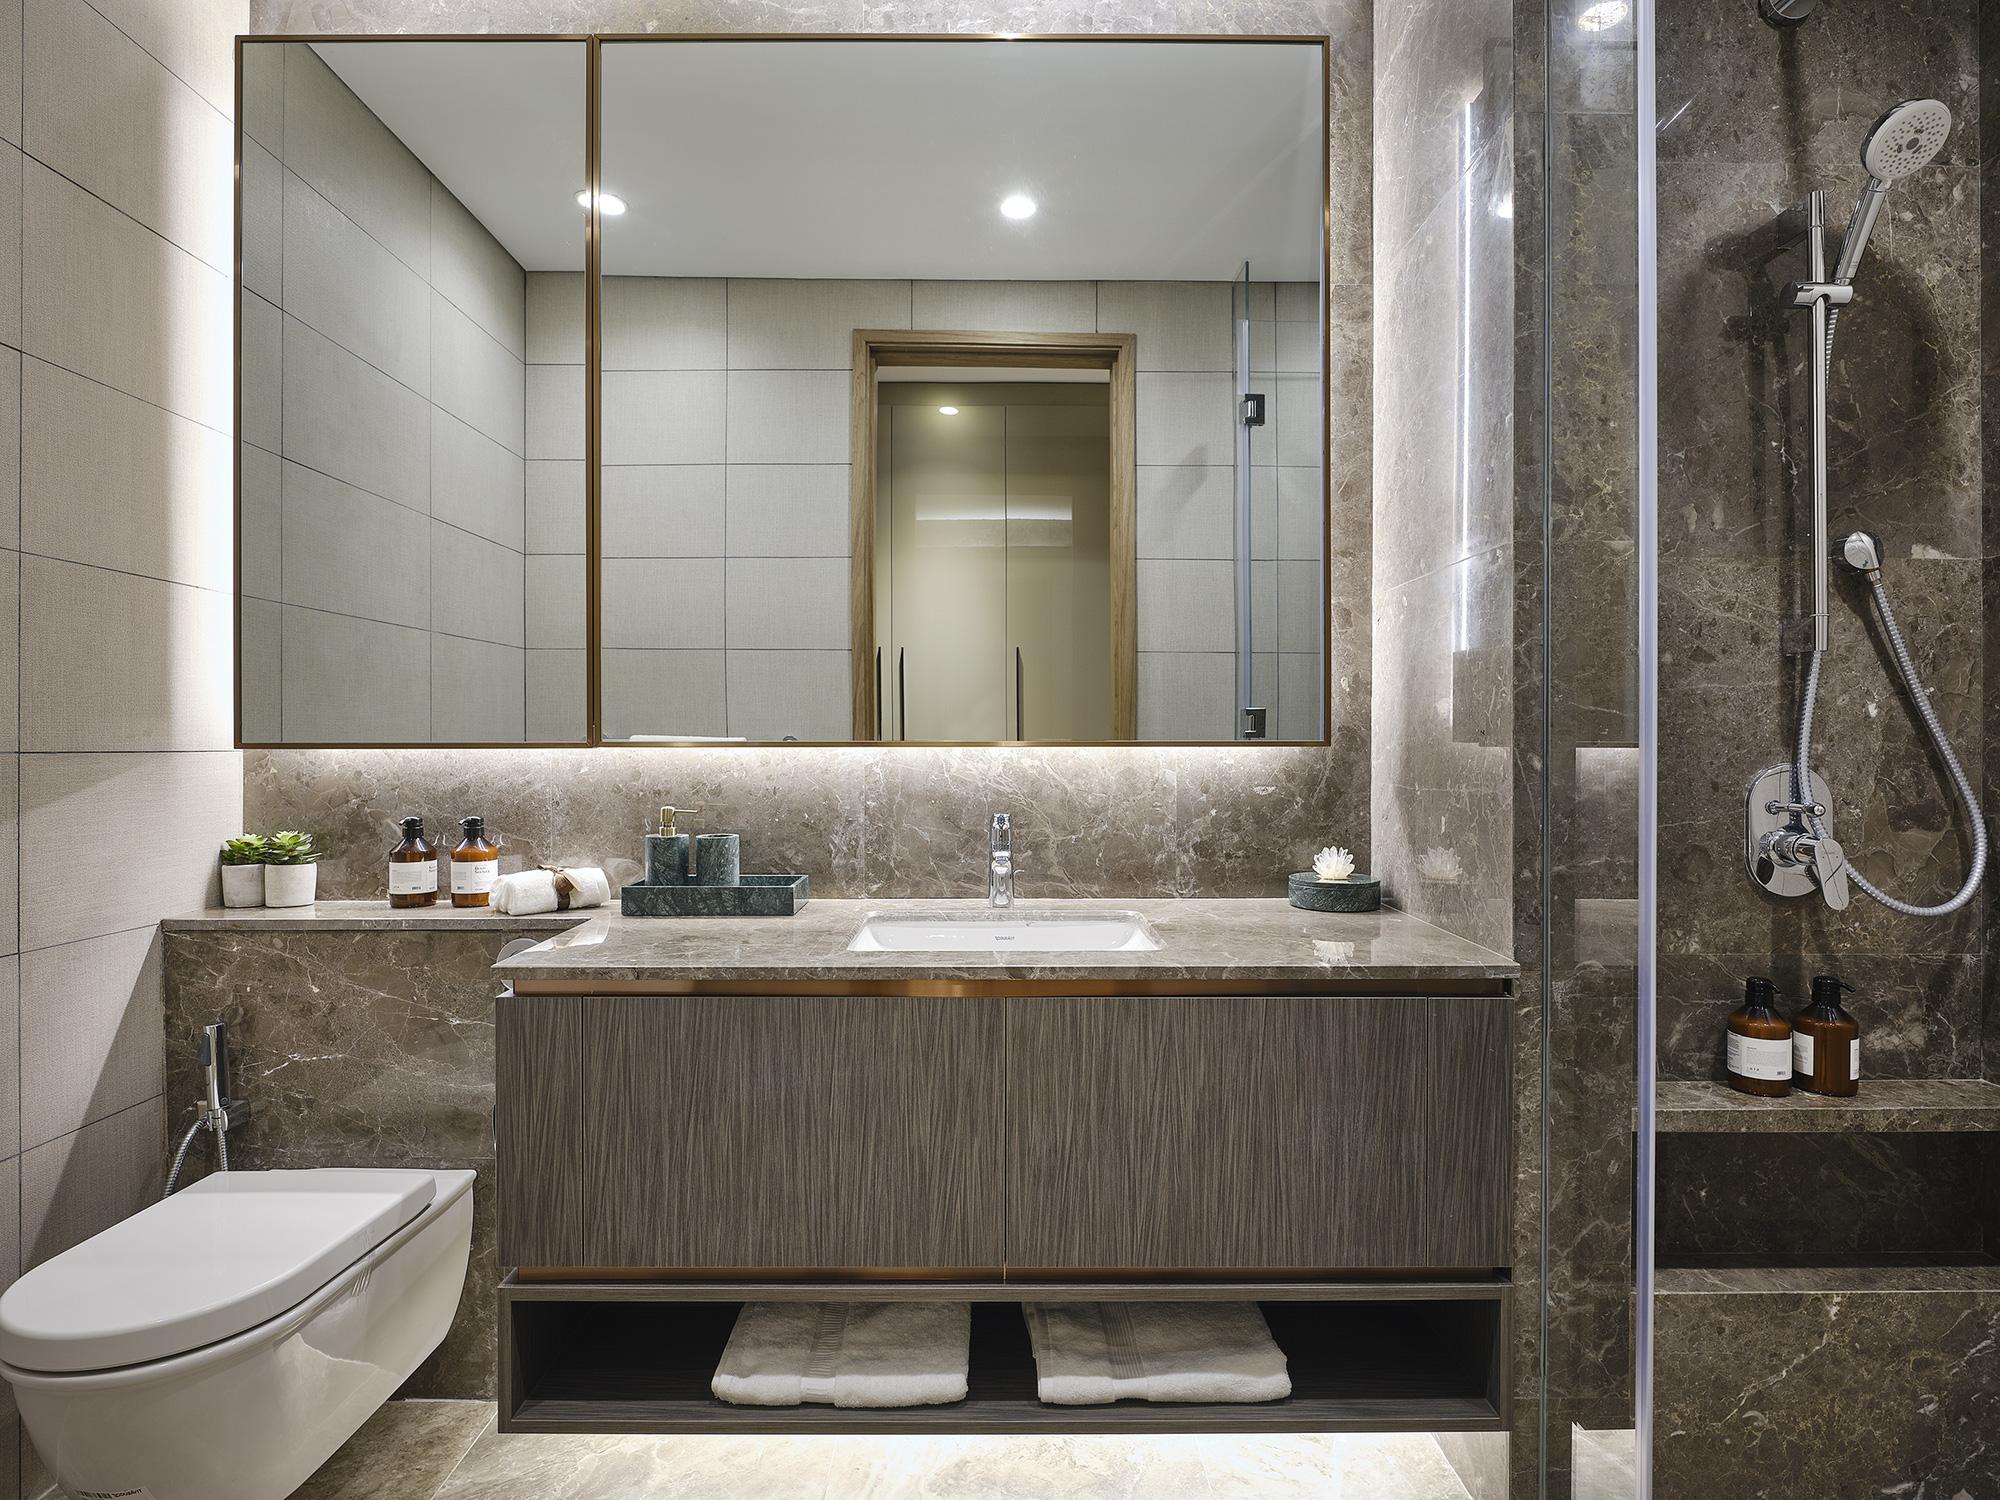 Đưa thời trang vào thiết kế nội thất – Sự xuất hiện ngoạn mục của những căn hộ đầy cảm hứng tại The River - Ảnh 6.